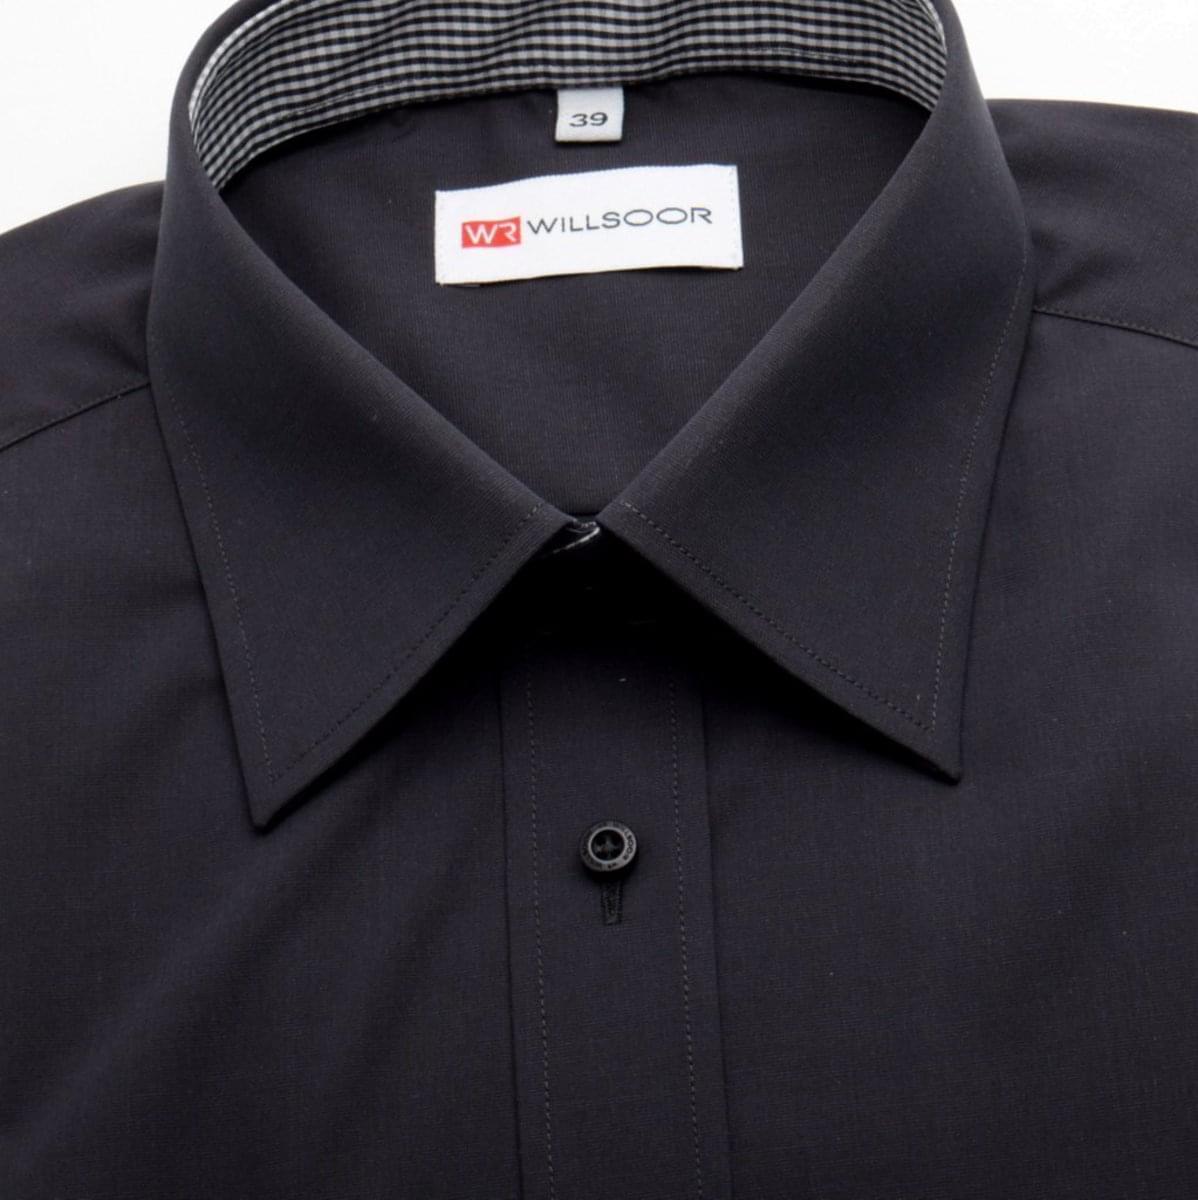 3f2a9db42790 Pánska košeľa WR Slim Fit (výška 188-194) 326 188-194